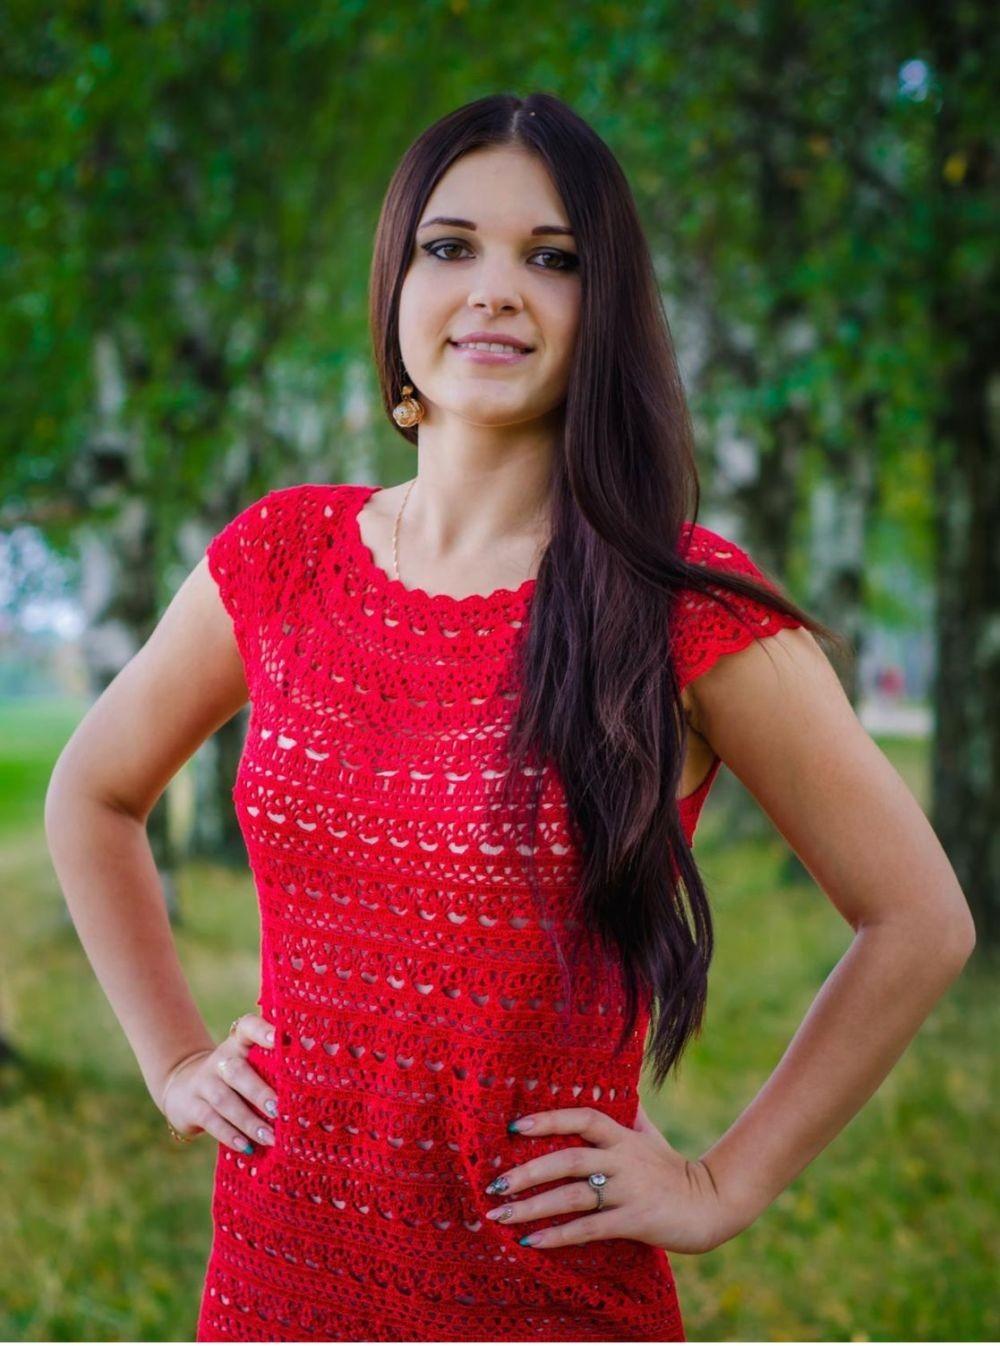 платье вязанное крючком красное рукав короткий